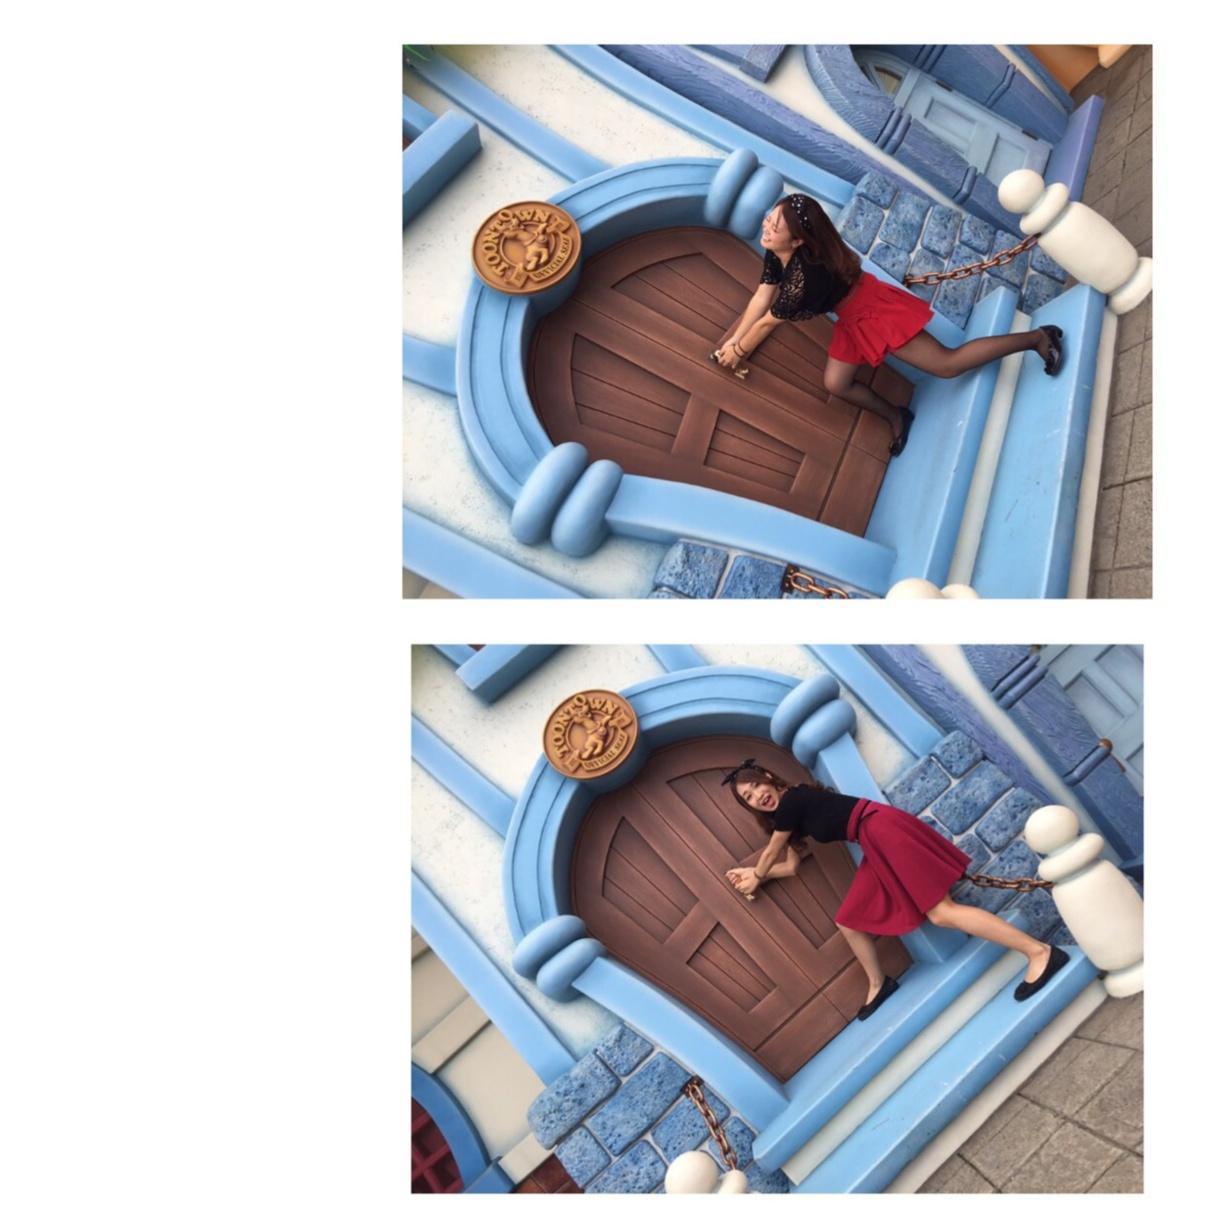 【TRIP】今度のDisneyはココで可愛い写真を撮って♡ディズニーランドのフォトスポット Part2 _4